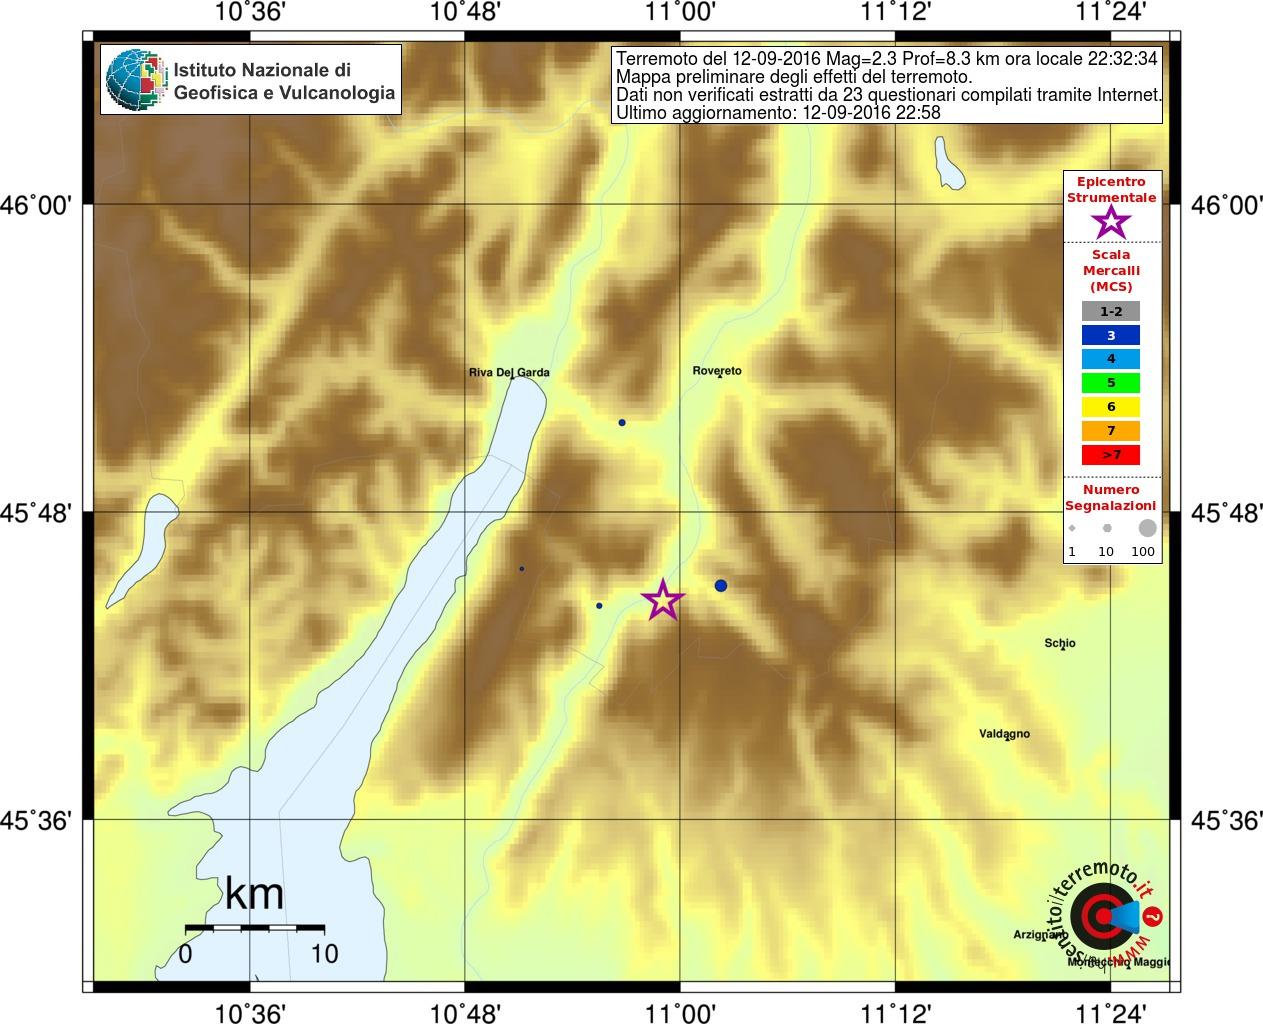 Terremoto, nuova scossa tra Trentino Alto Adige e Veneto: avvertita ad Ala, Mori, Avio e Rovereto [MAPPE e DATI INGV]